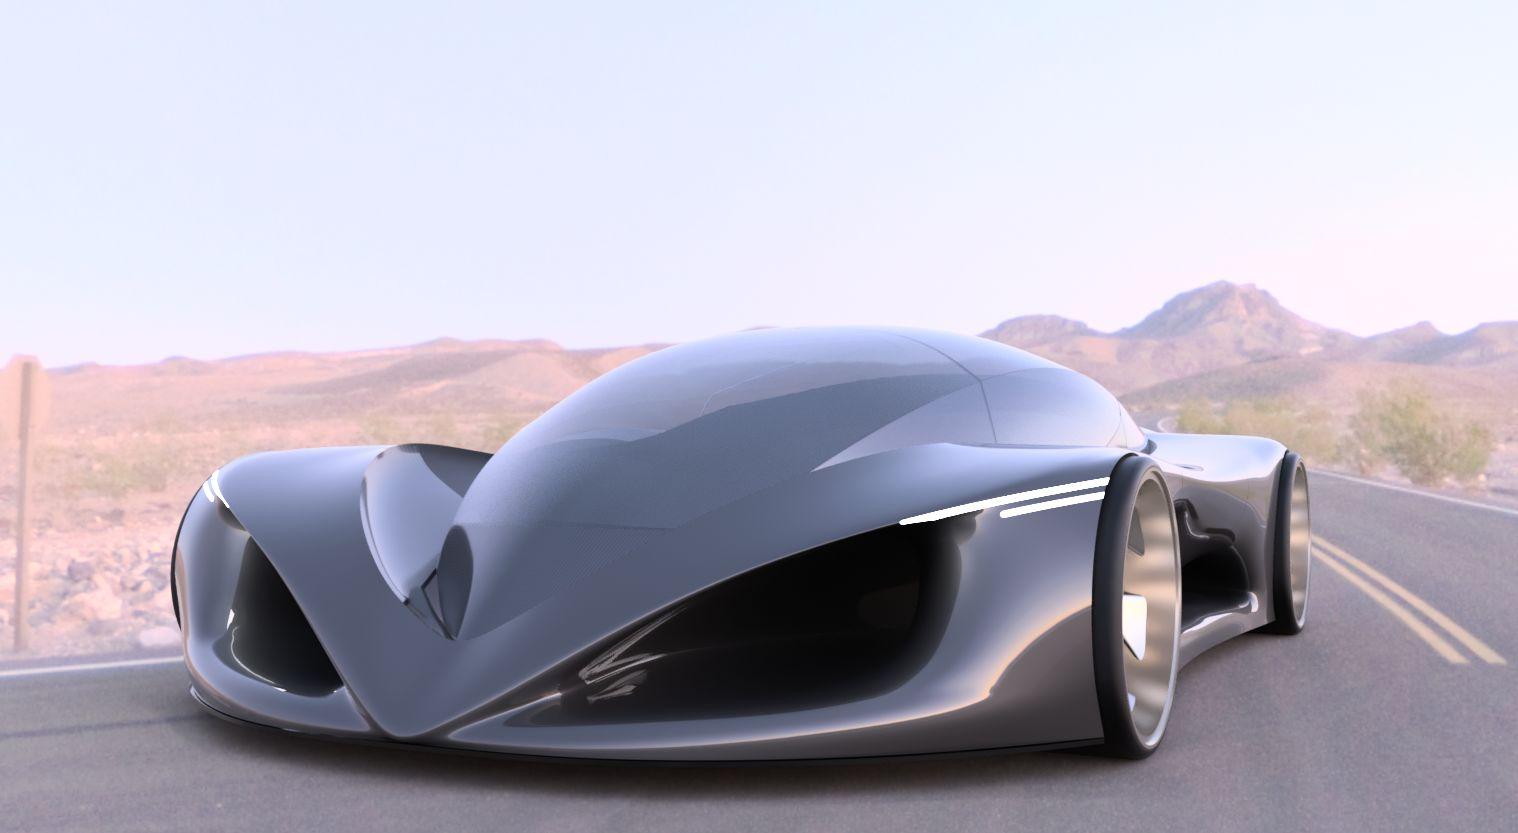 Car-sport-2018-apr-11-08-42-31pm-000-customizedview15545656345-3500-3500